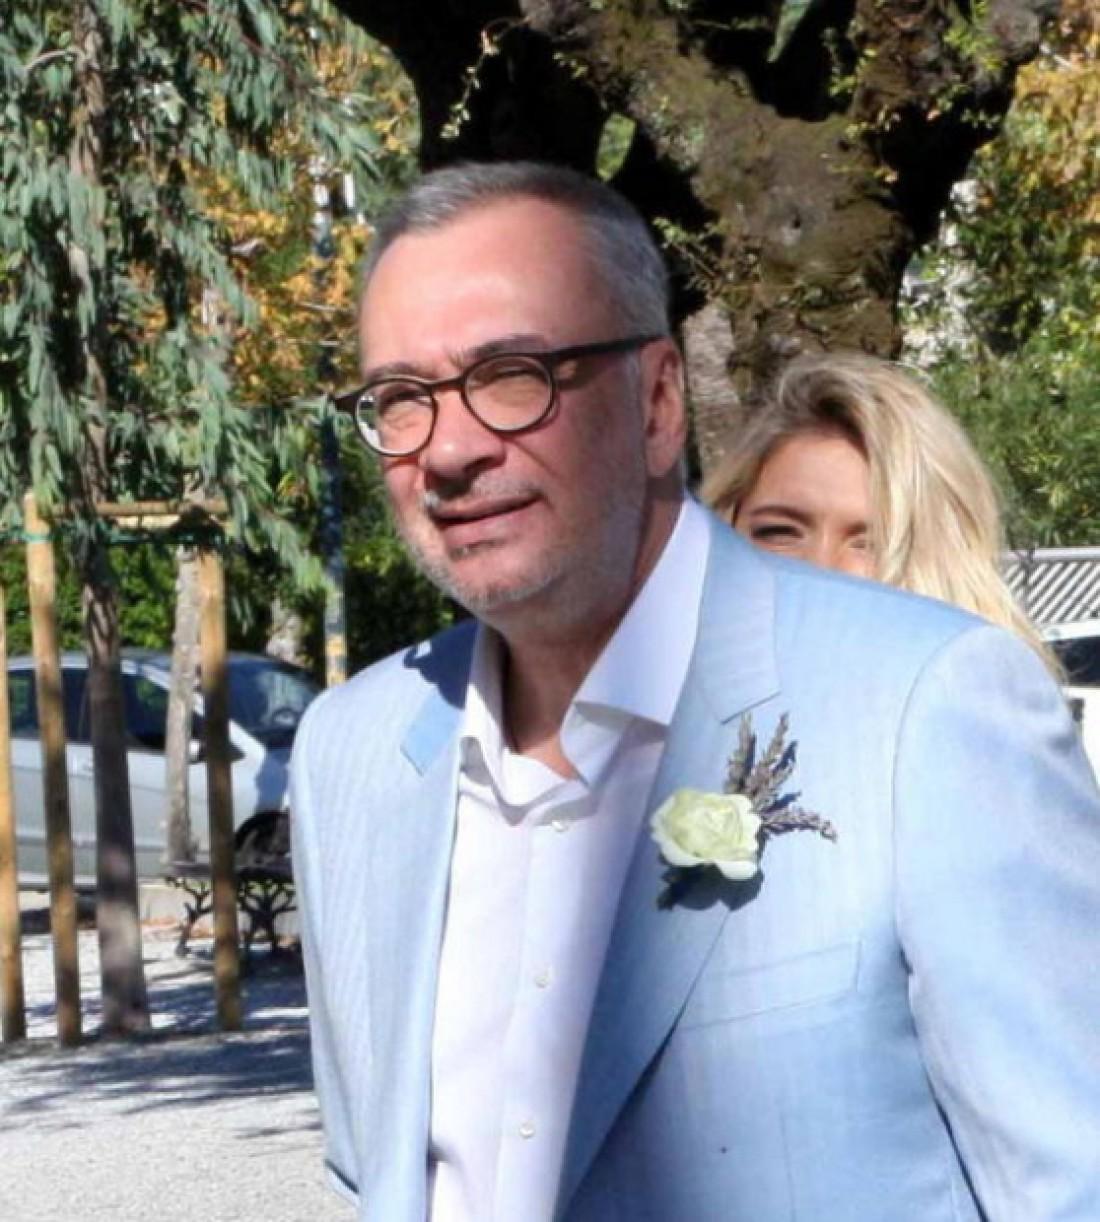 Вера Брежнева вышла замуж за Меладзе